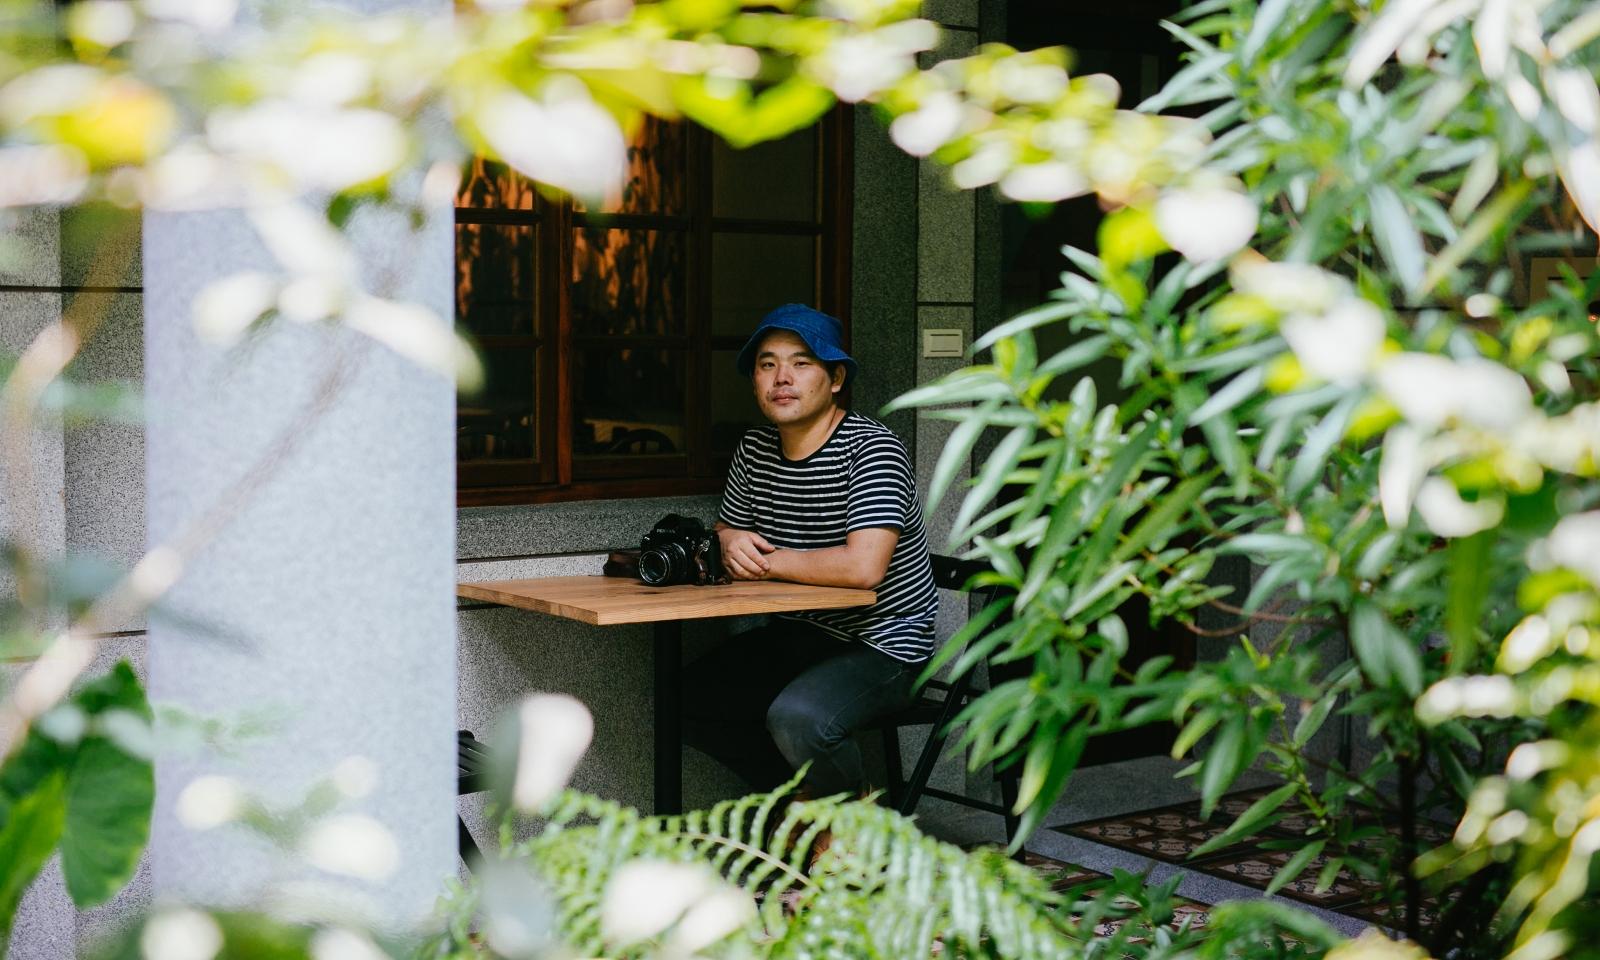 我不知道日本風格是什麼,我只想要捕捉尋常的美好——專訪濱田英明